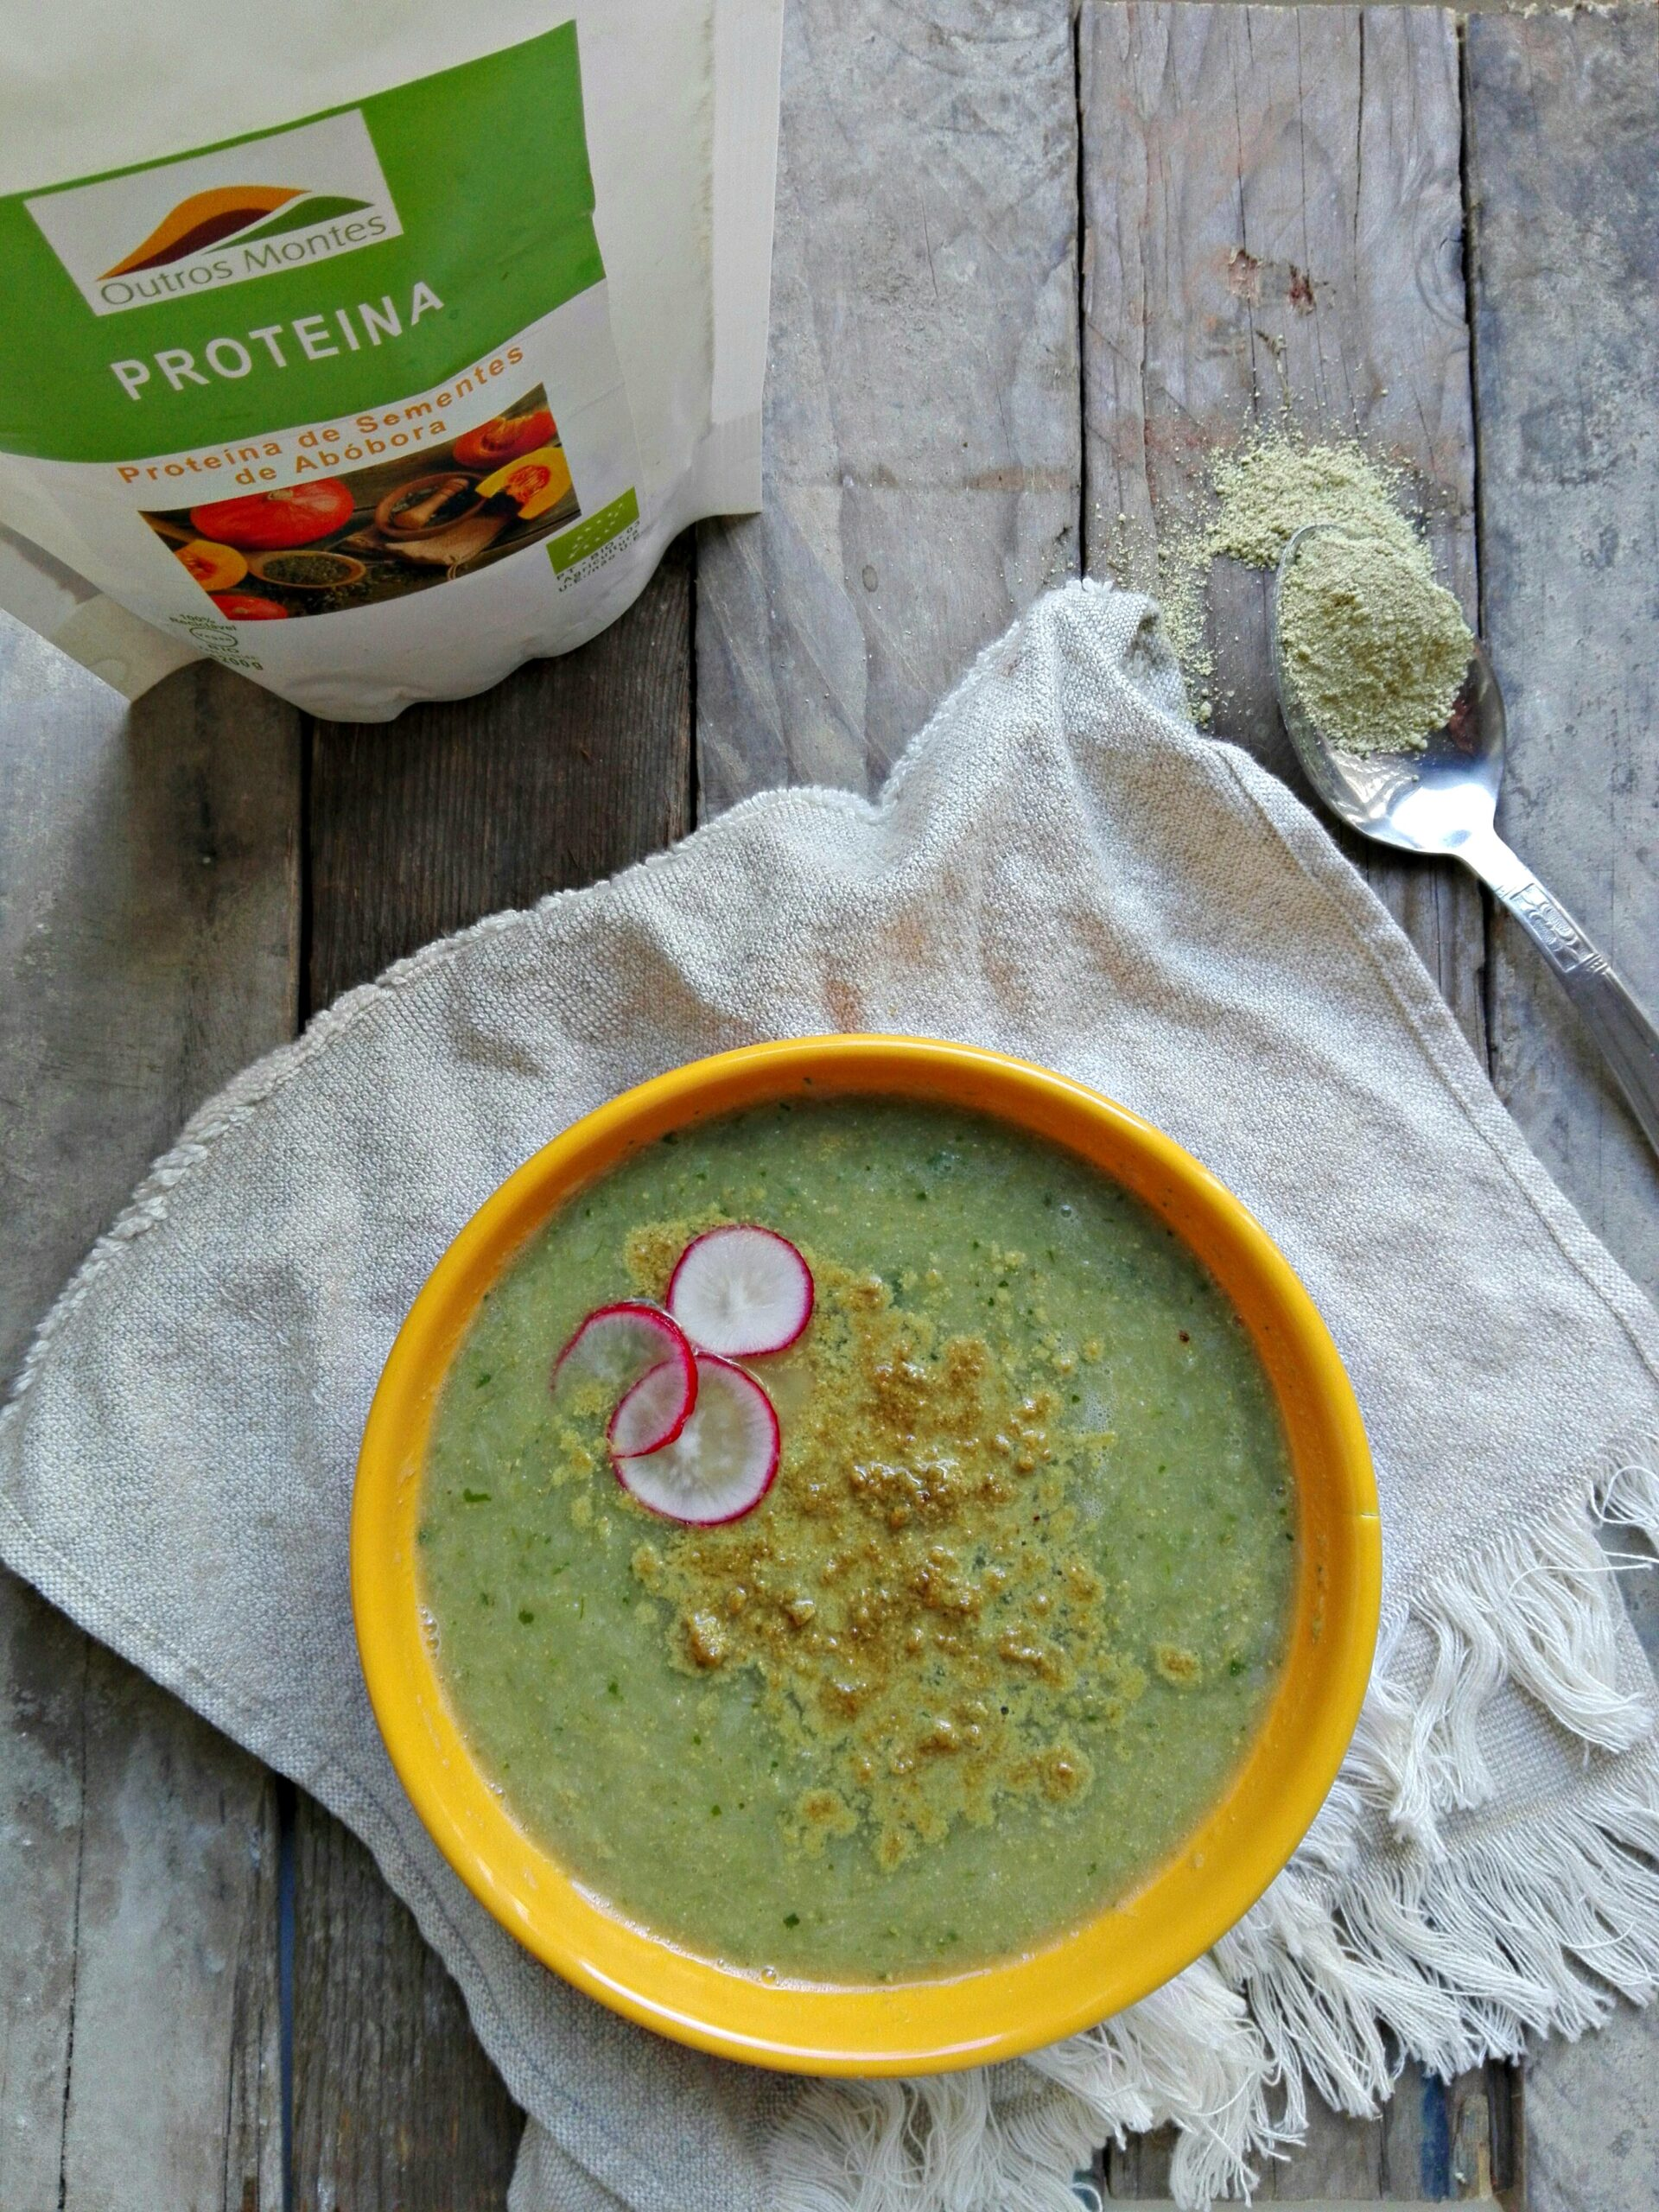 Sopa de alho-francês com Proteína de Sementes de Abóbora Outros Montes